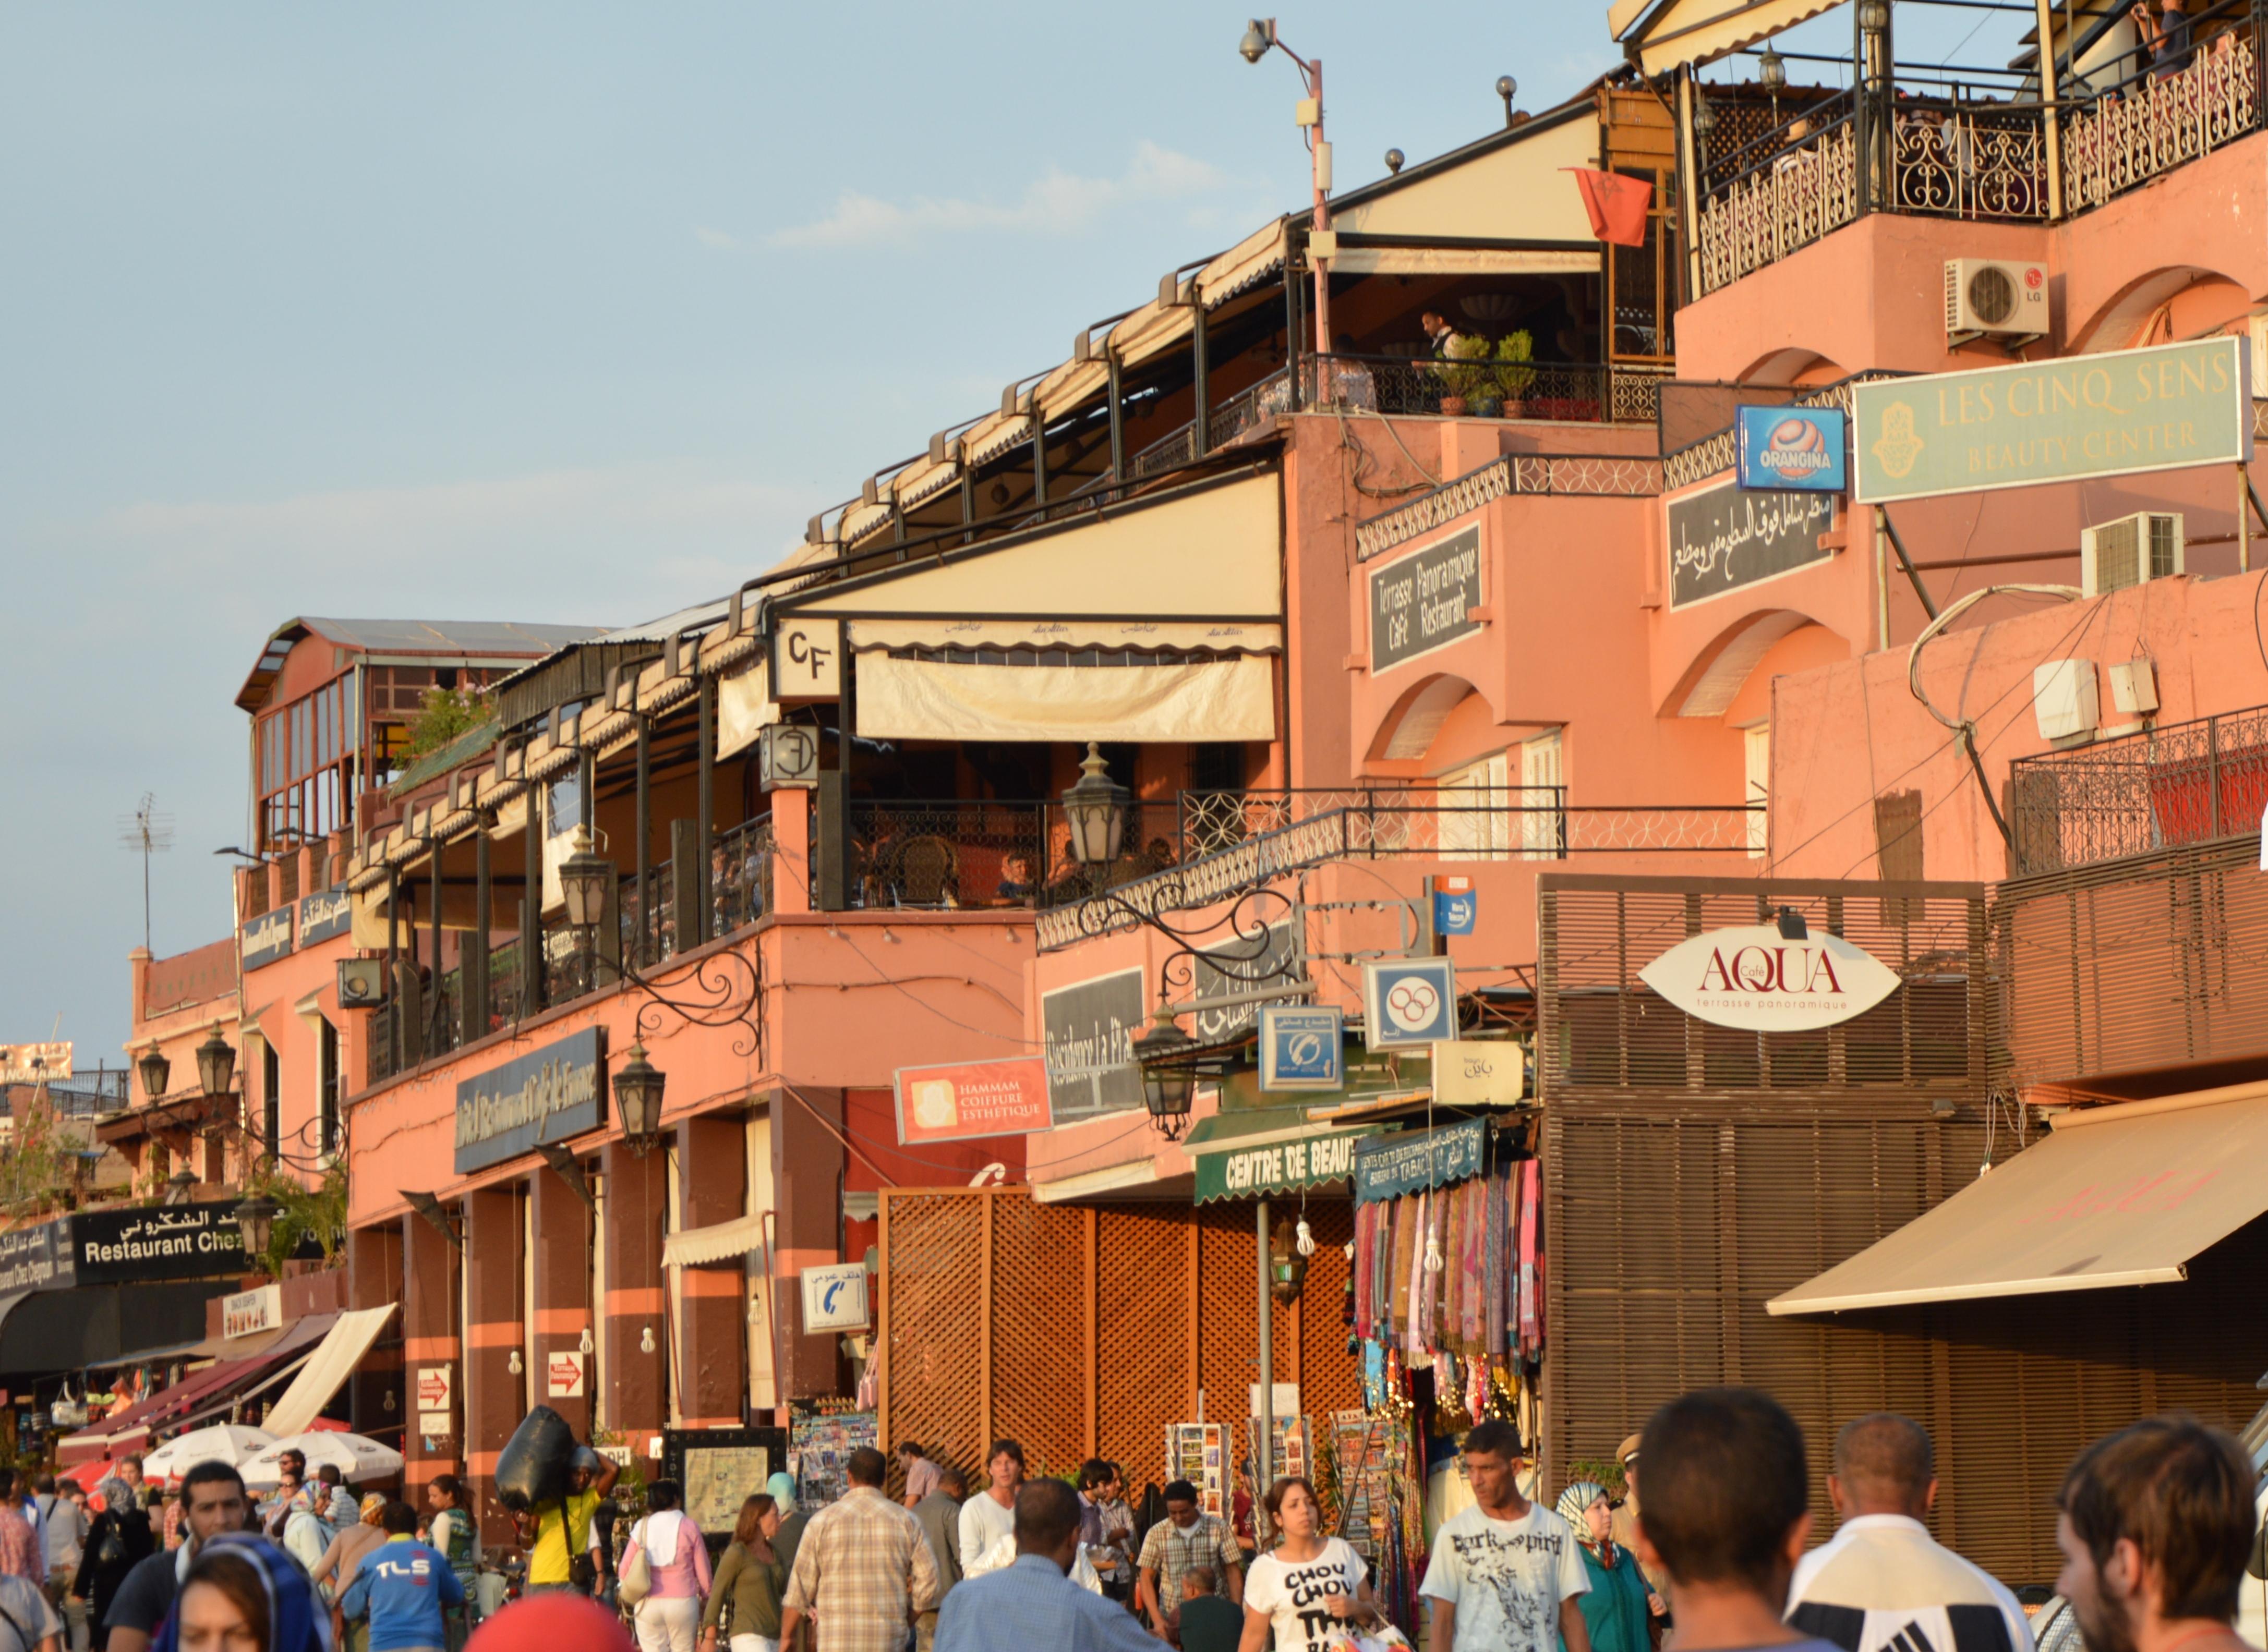 Marrakesch   Begegnungen in der Medina. staedtereisen sonne marokko afrika  DSC 0838